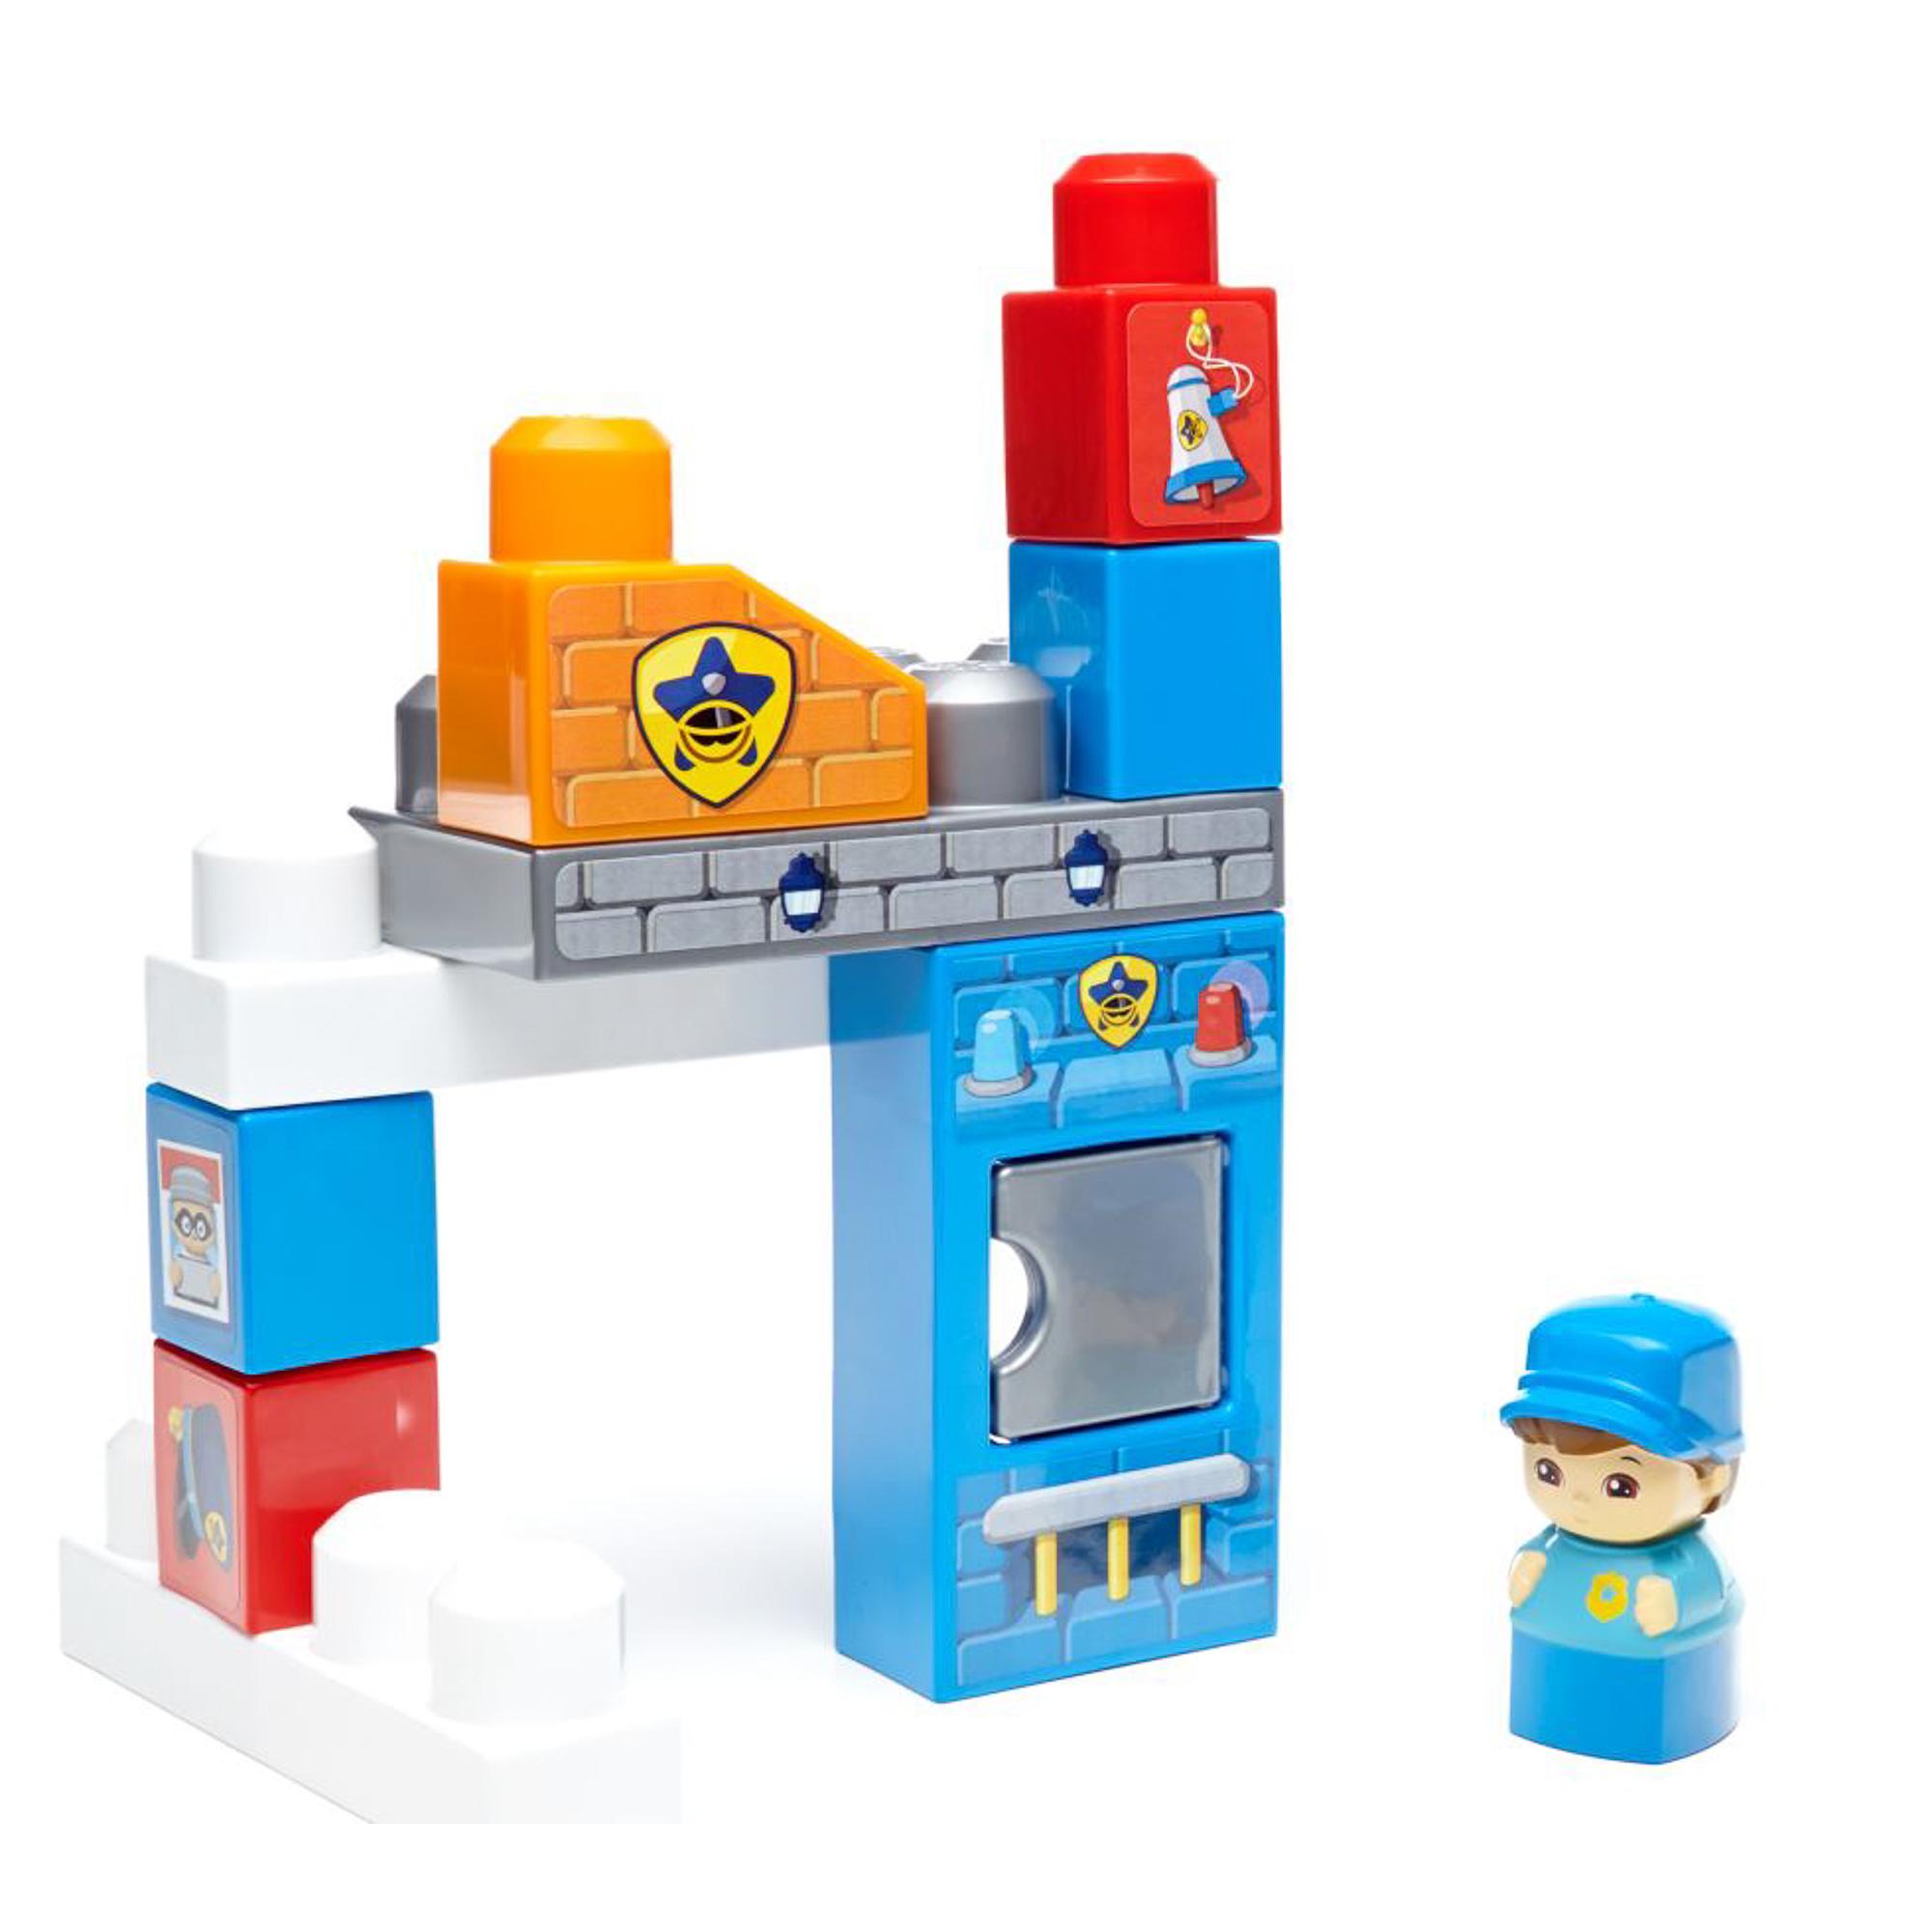 игровые наборы Наборы маленькие игровые - конструкторы Mattel (DYC54)